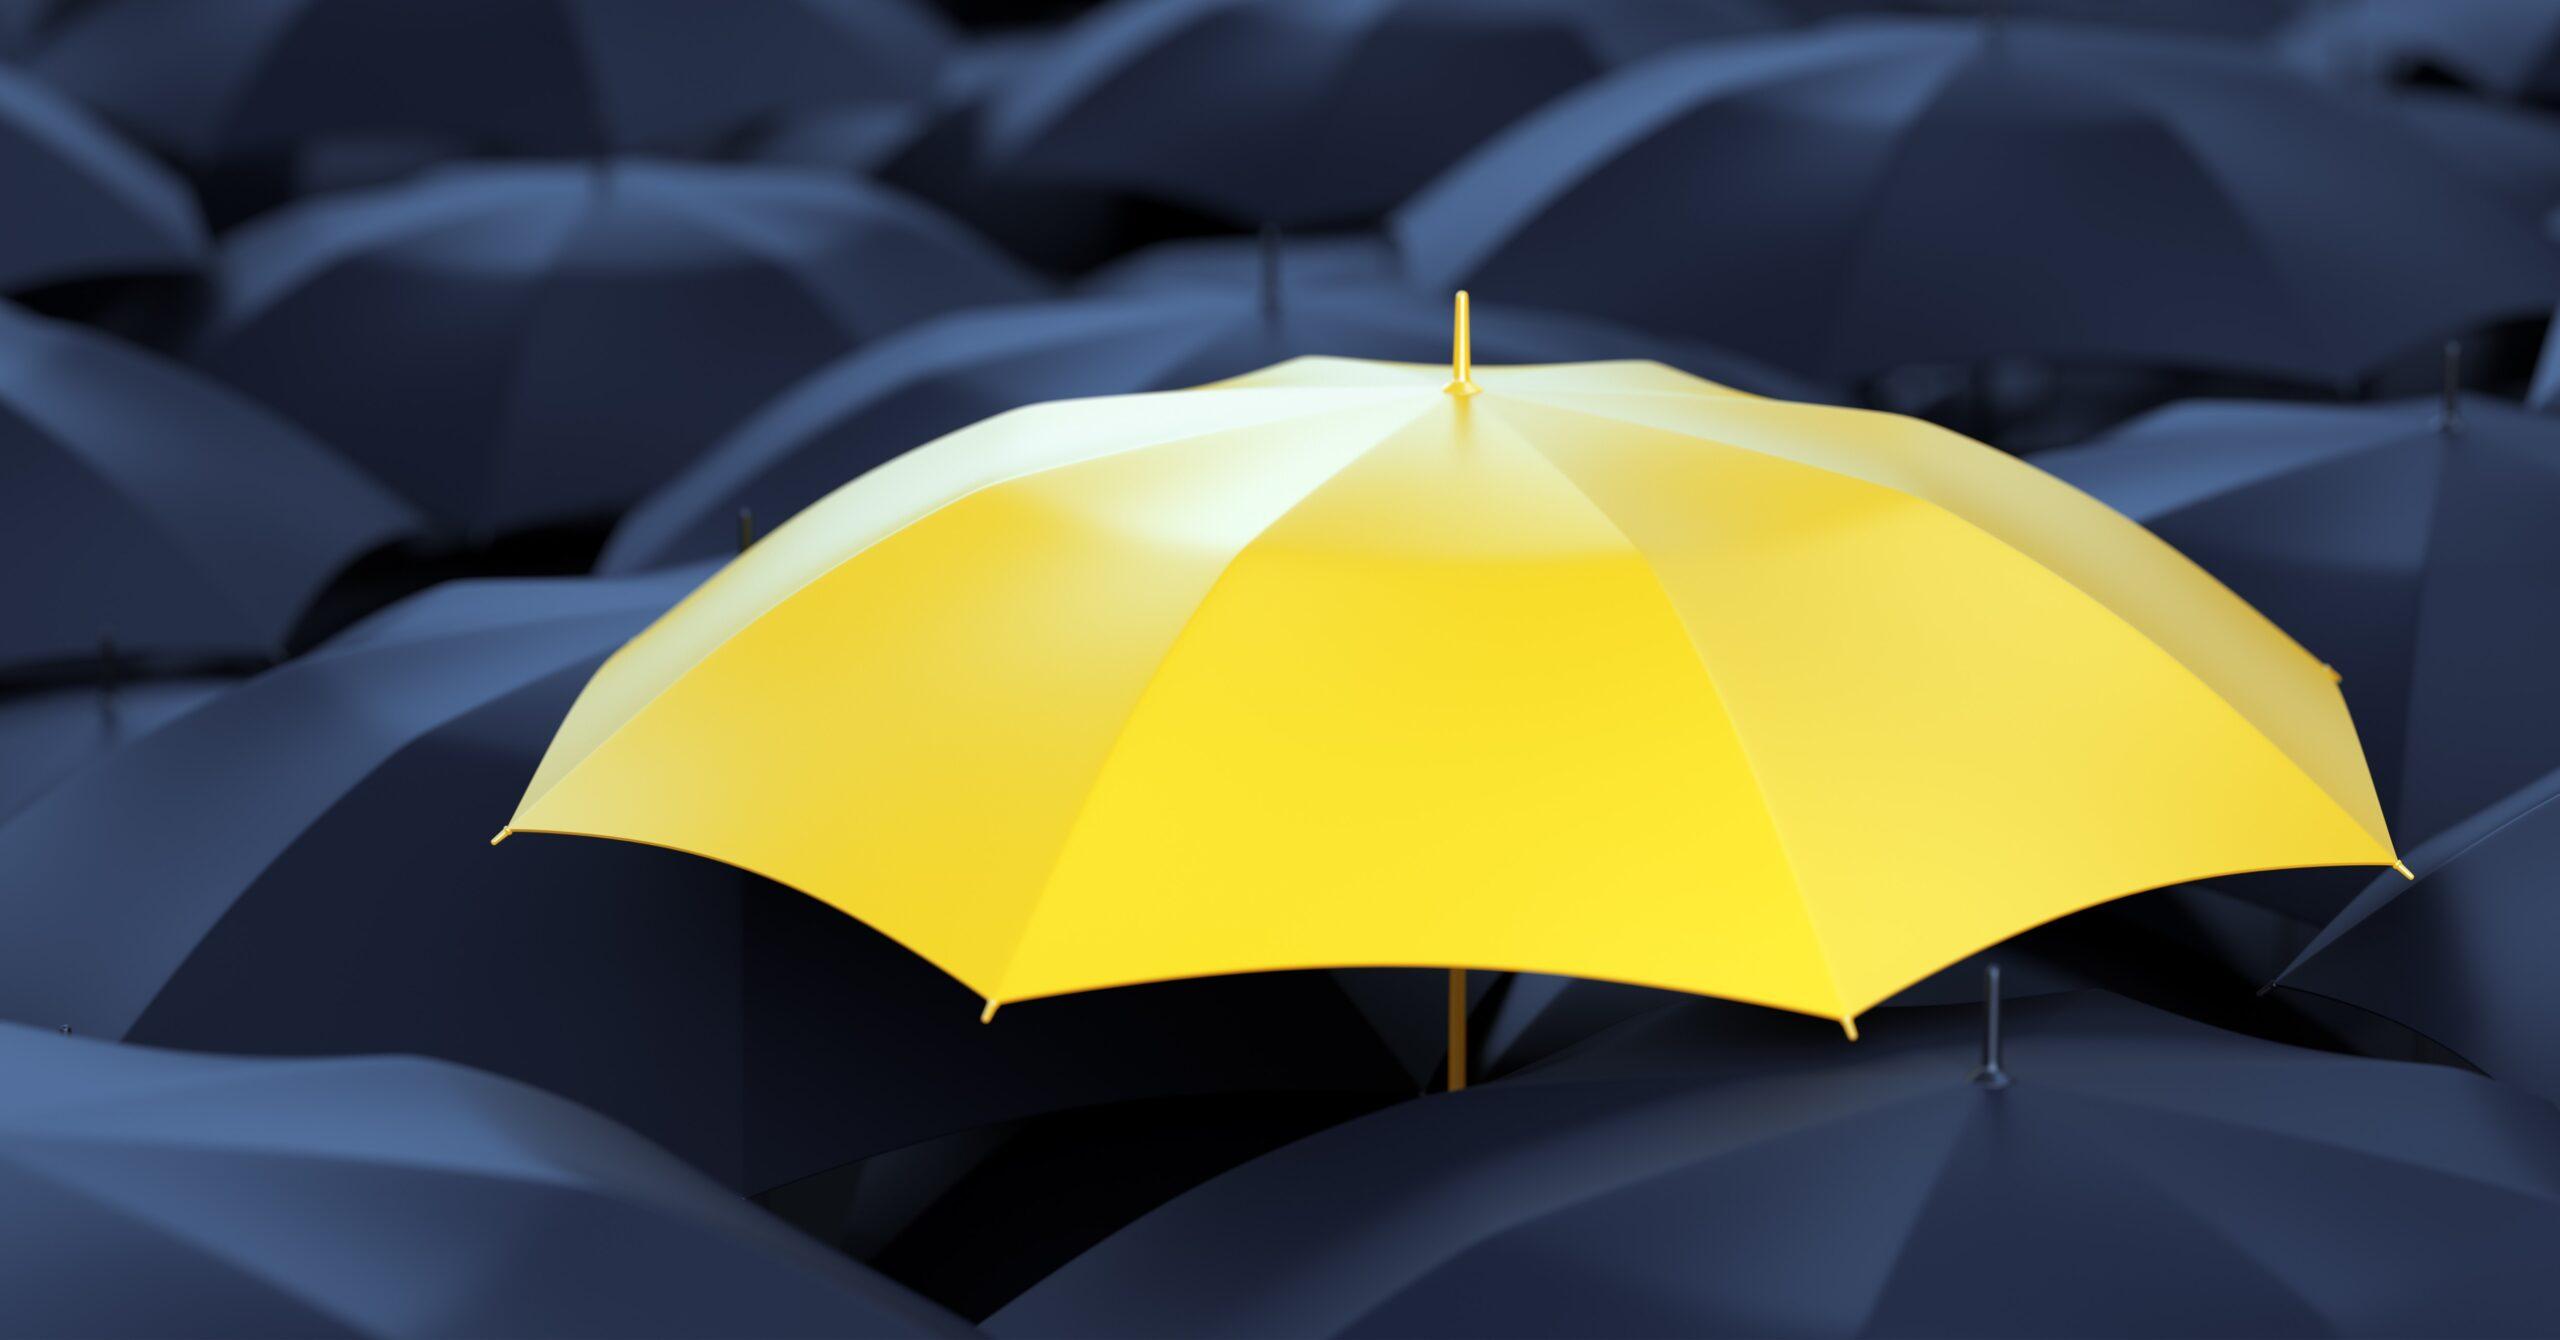 Chapéu de chuva amarelo no meio de chapéus pretos